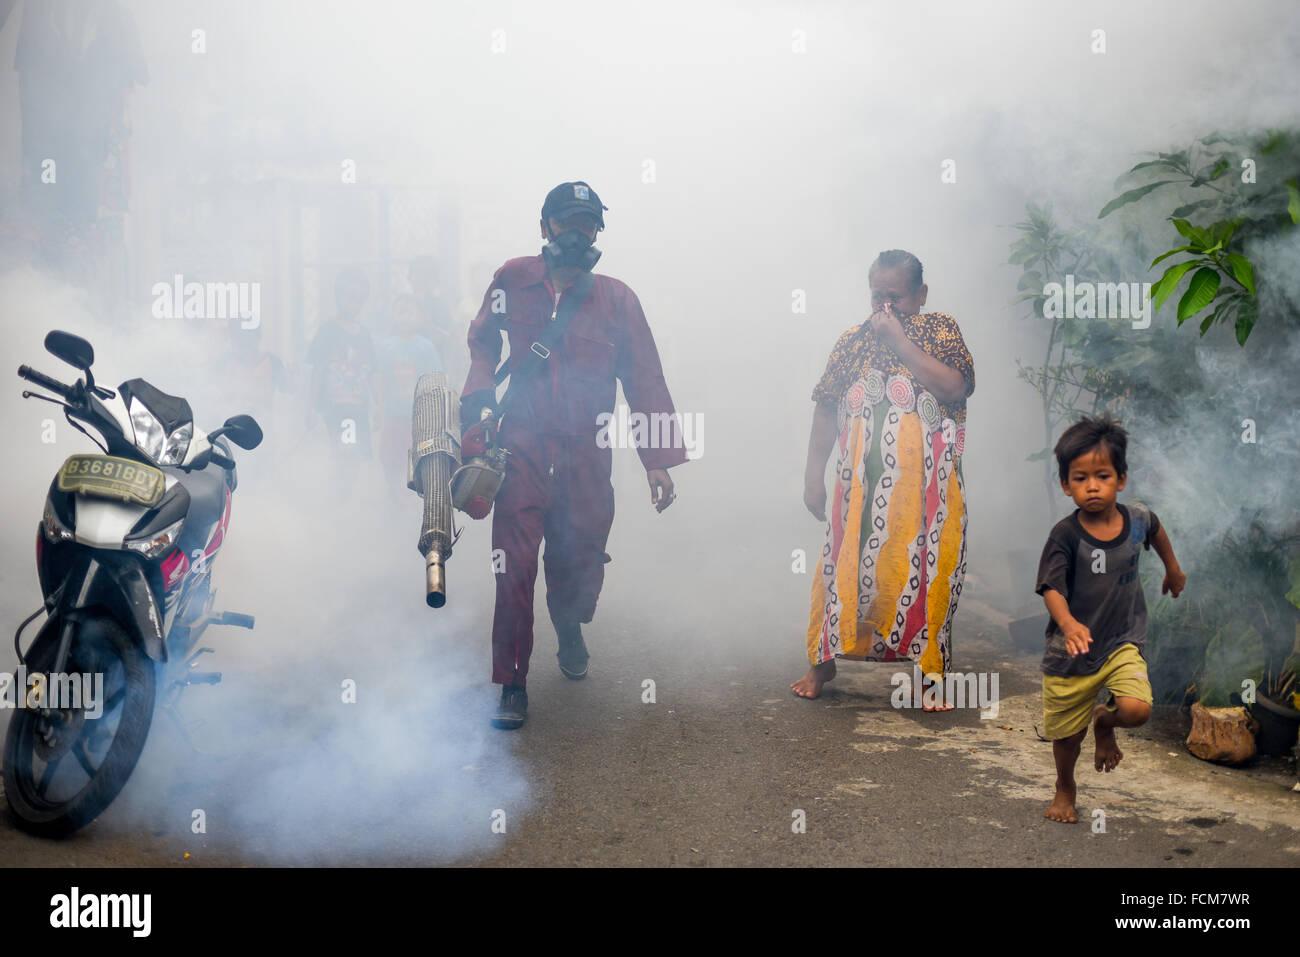 Los trabajadores de la oficina de salud de Yakarta iniciar sesión fogging insecticida para combatir el dengue Imagen De Stock